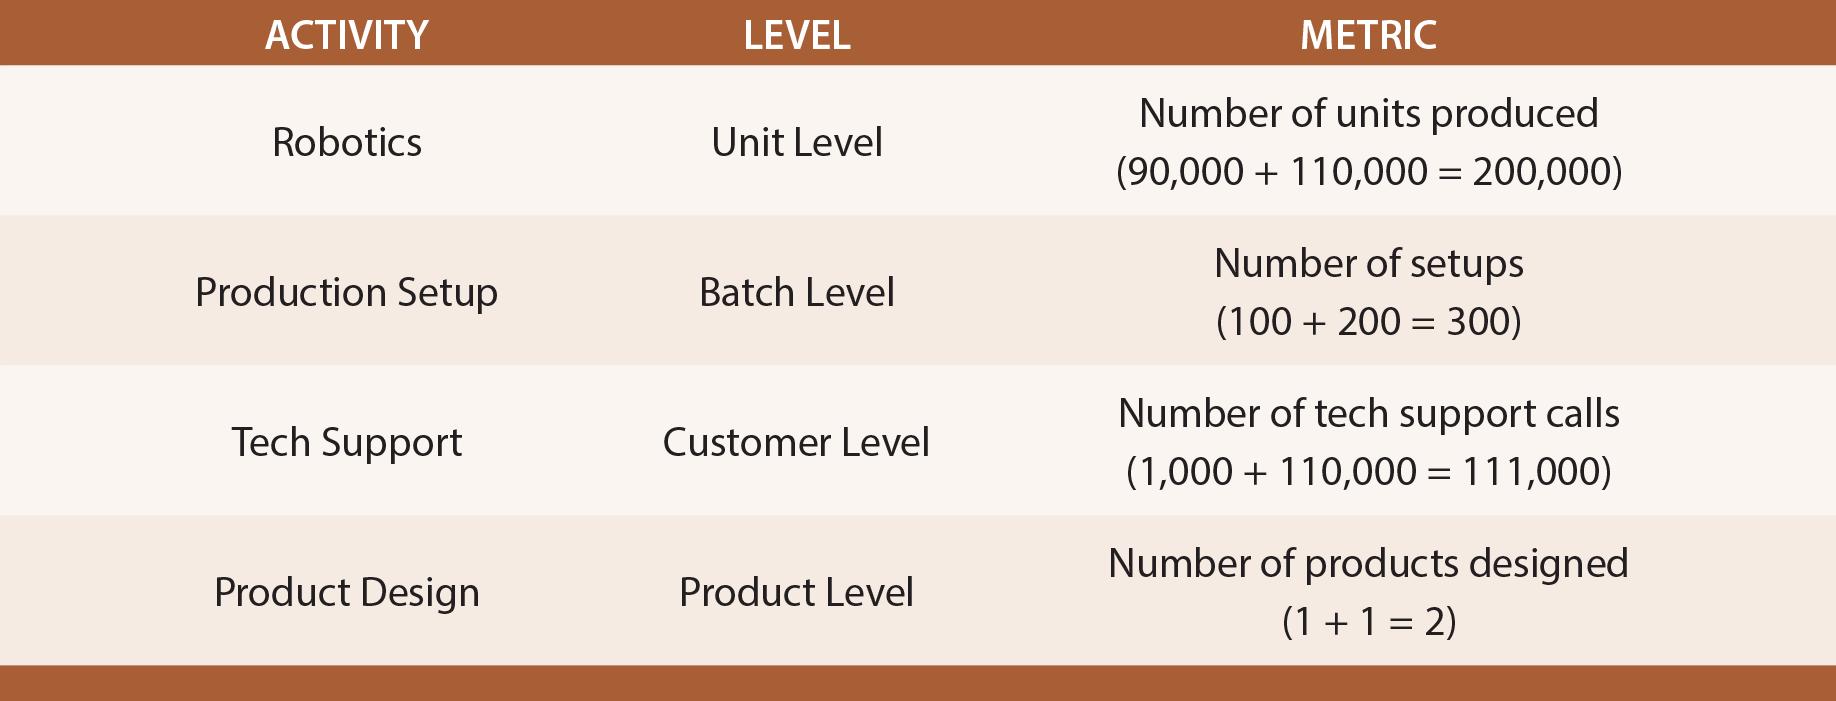 GAME's Activity Schedule